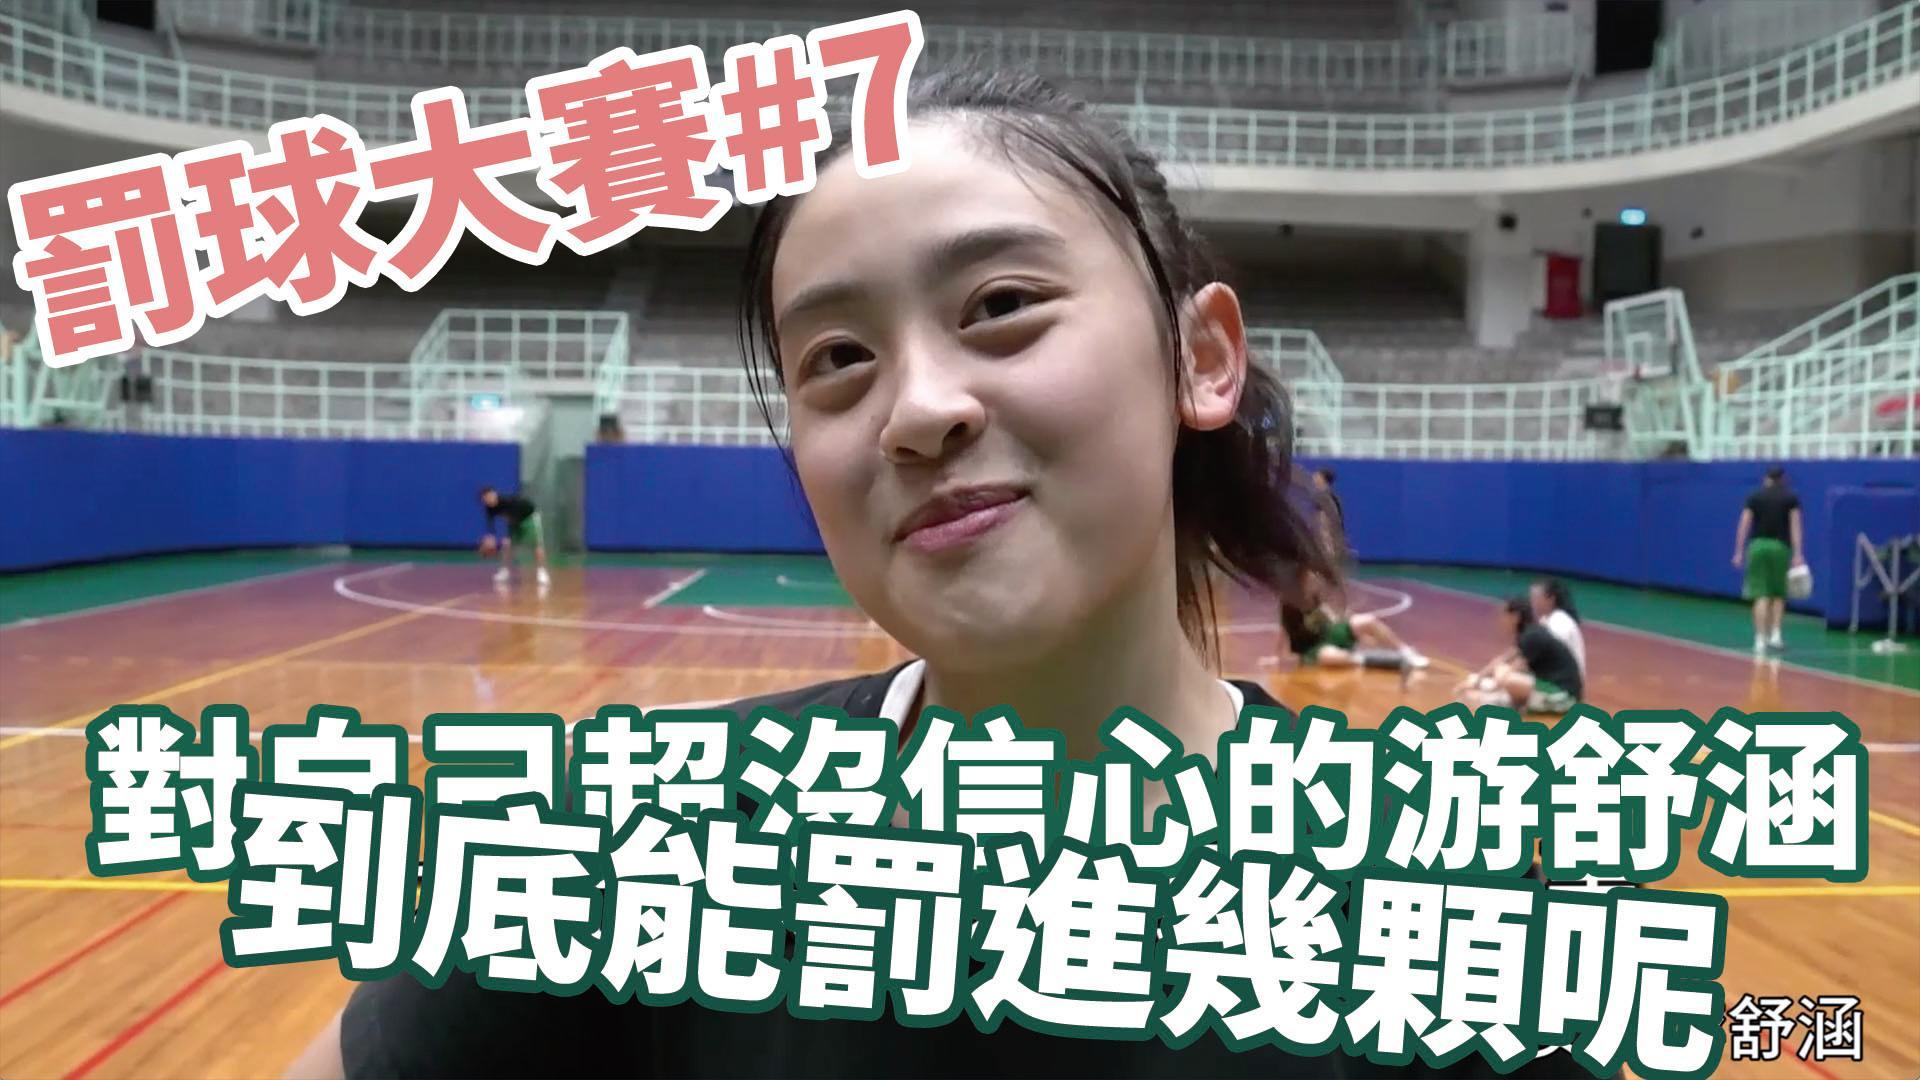 罰球大賽#7 北一女中游舒涵